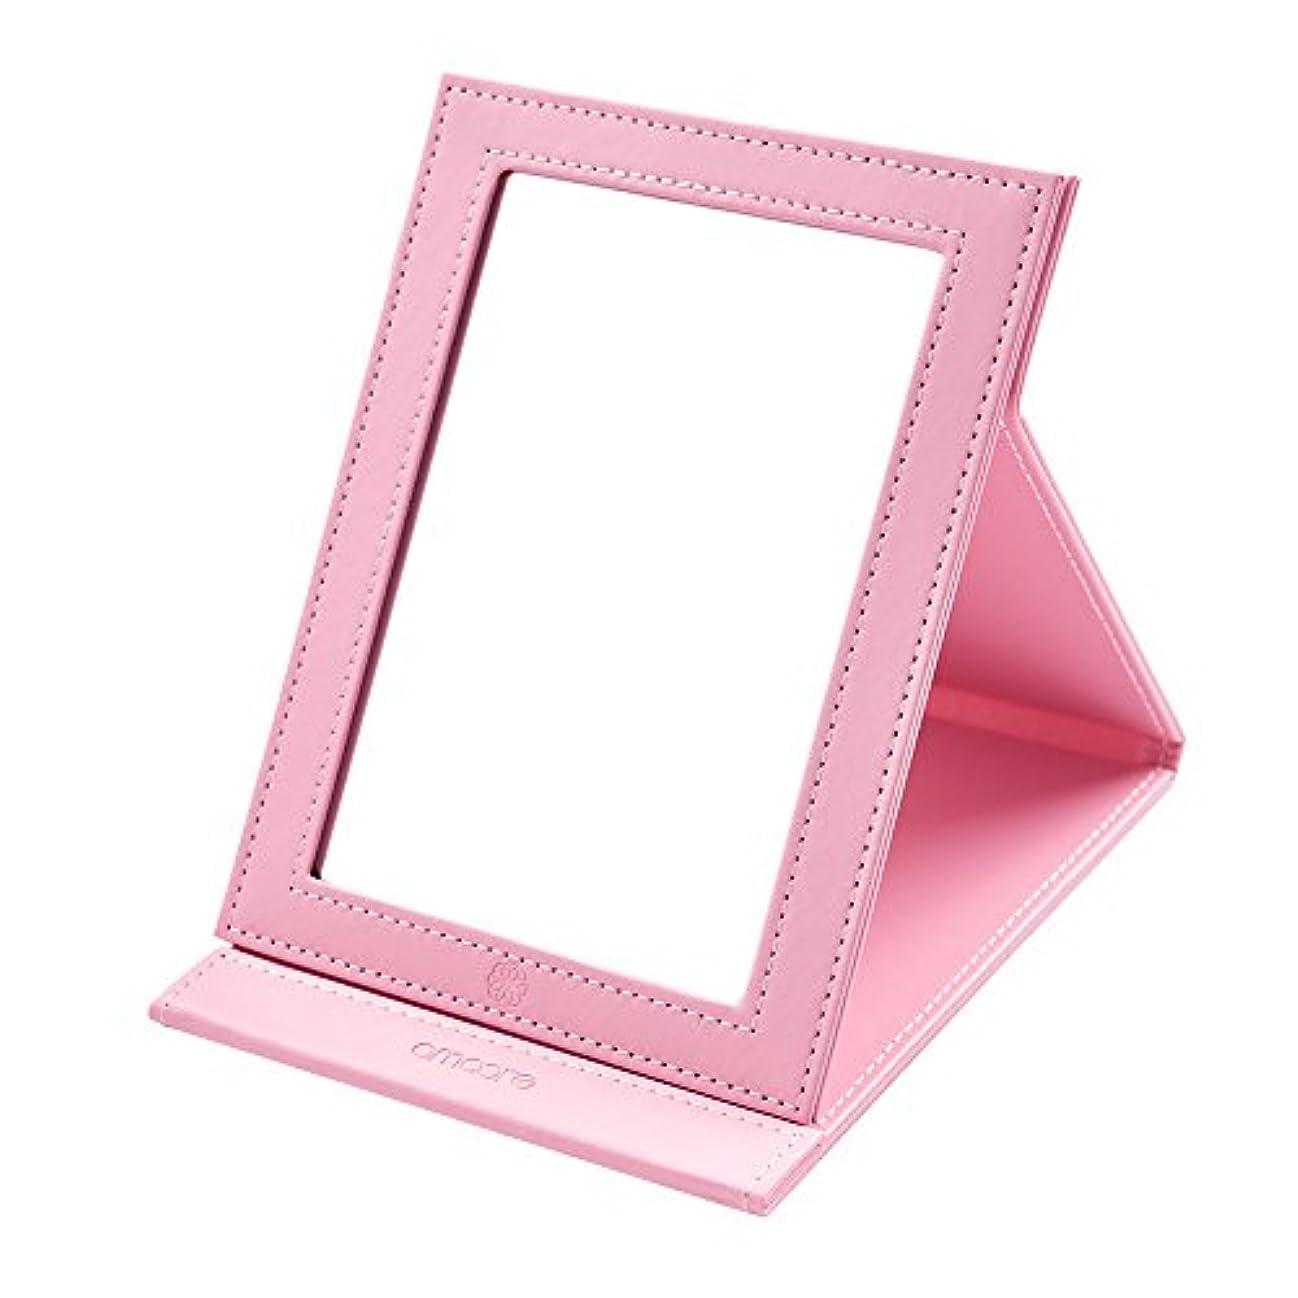 とティームに話す安心amoore 化粧鏡 卓上スタンドミラー 折りたたみミラー 角度調整 上質PUレザー使用 (ビッグ, ピンク)